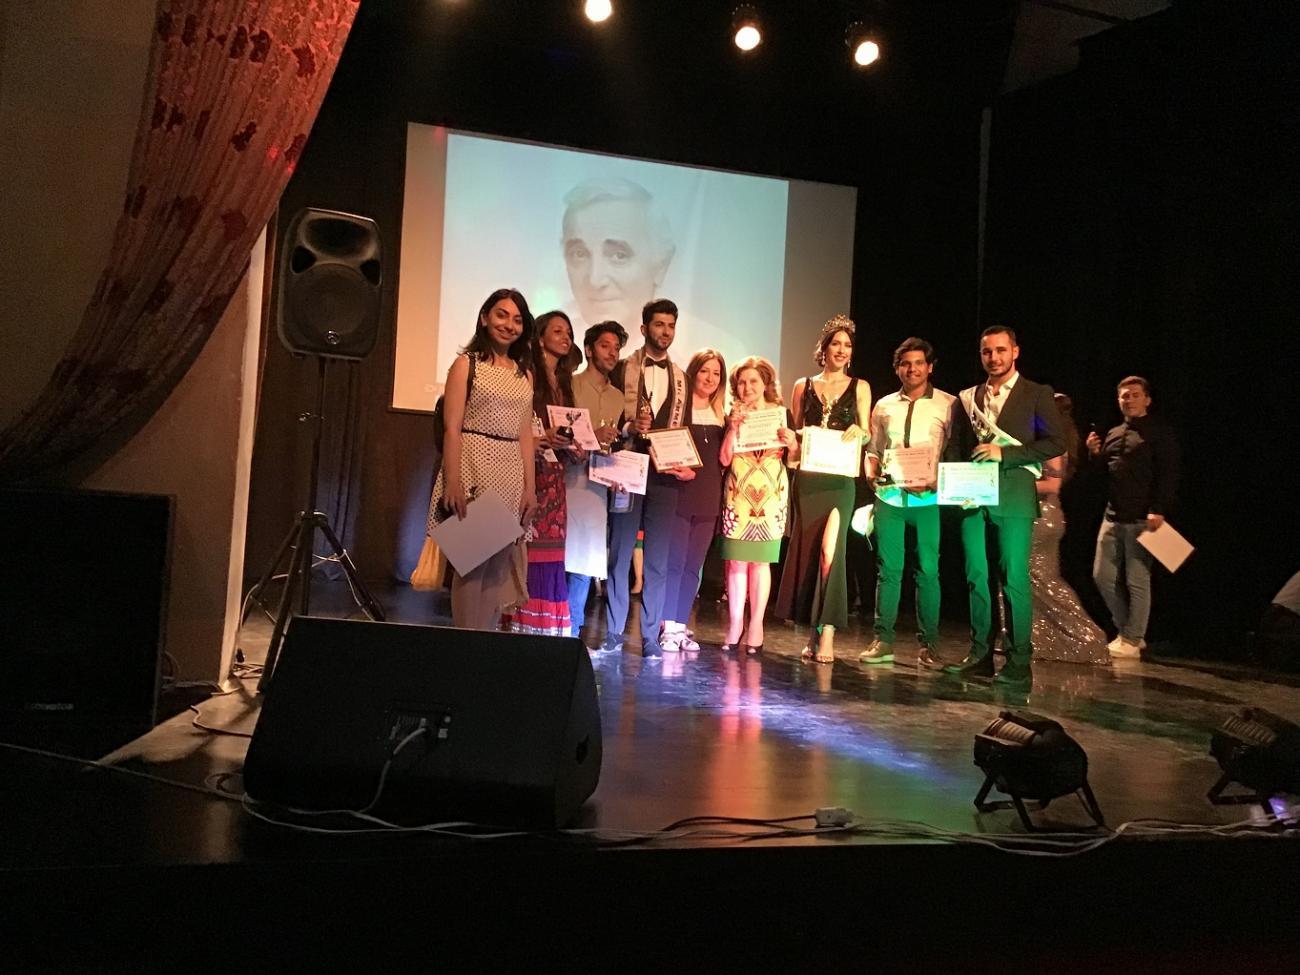 «Վերնատուն» երգչախումբը մասնակցել է «Աշխարհի գույները» խորագրով փառատոնին